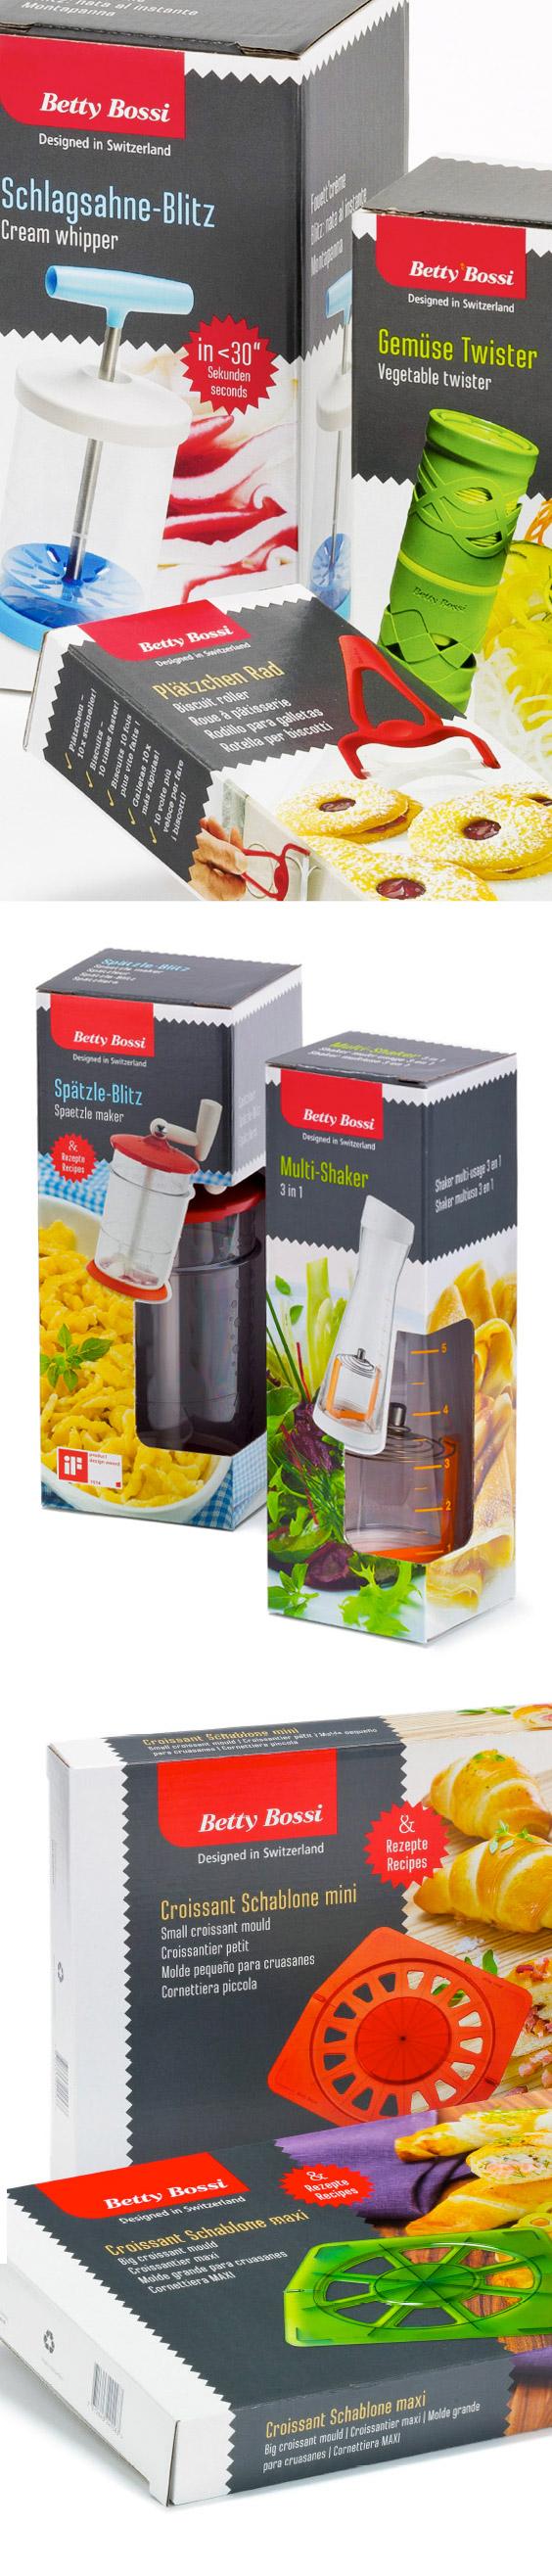 Betty Bossi – gutes Werkzeug ist fast gekocht!  Betty Bossi nimmt als Convenience-Marke in den Regalen von Coop einen grossen Stellenwert ein. Ein kleiner Schritt also, um aus dem Food- und Cookbook-Brand eine Hardware-Produktelinie zu entwickeln, Küchenhilfen, die das Kochen erleichtern und von Experten geprüft sind. Das Design kombiniert raffiniert das in der Schachtel nicht sichtbare Gerät mit dem damit zu erzielenden Produkt. / Packaging design by Schaffner & Conzelmann AG, Basel, CH